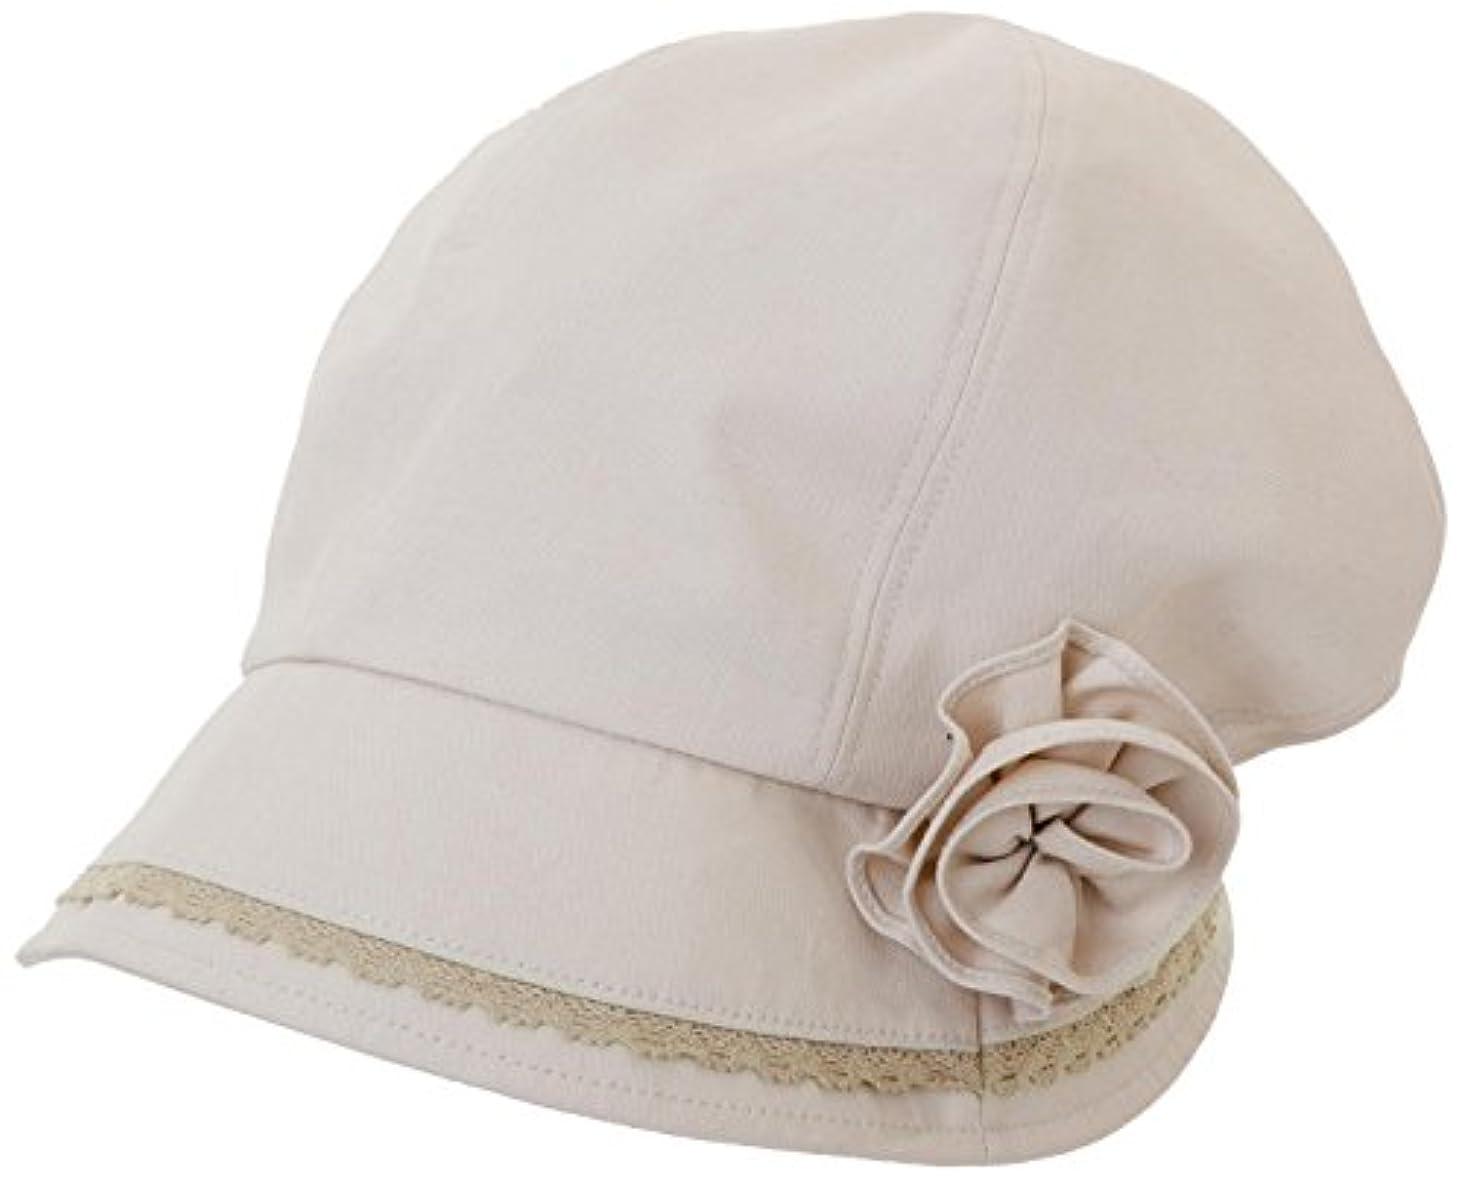 スパンオーガニック接続されたUVふんわり小顔帽子 ベージュ